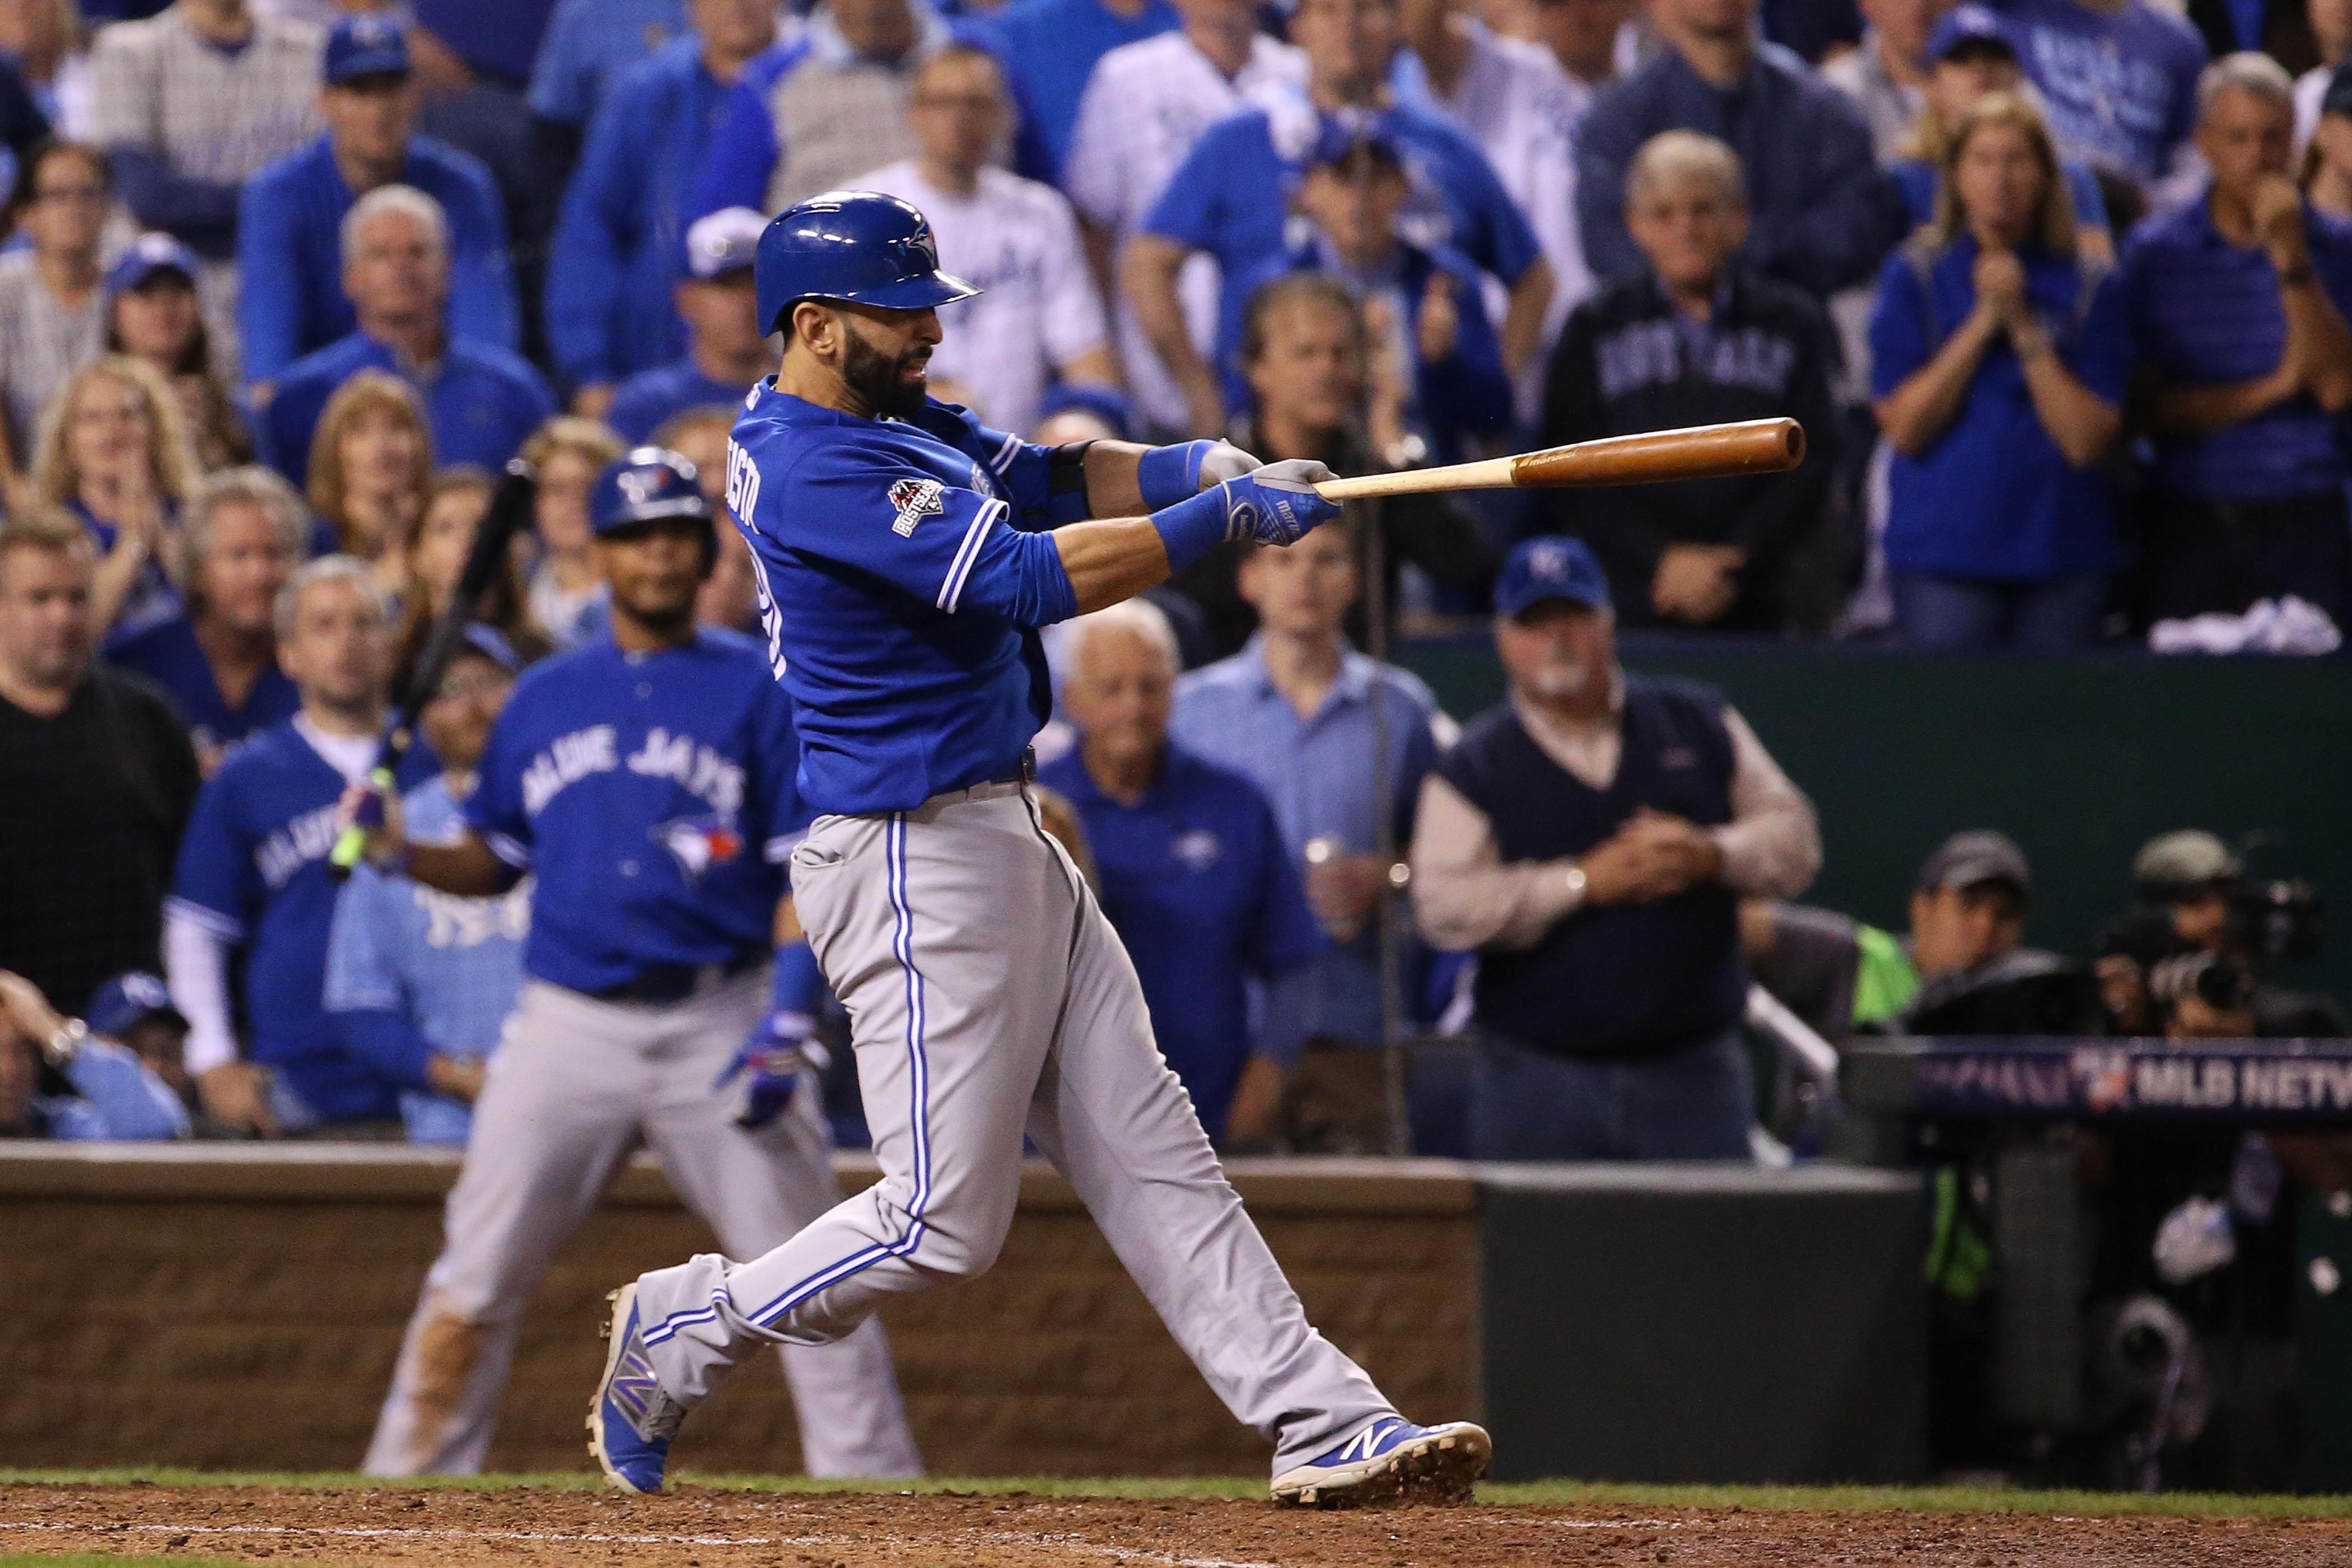 """<span class='image-component__caption' itemprop=""""caption"""">KANSAS CITY, MO- OCTOBER 23: Jose Bautista hits a two run homer.</span>"""